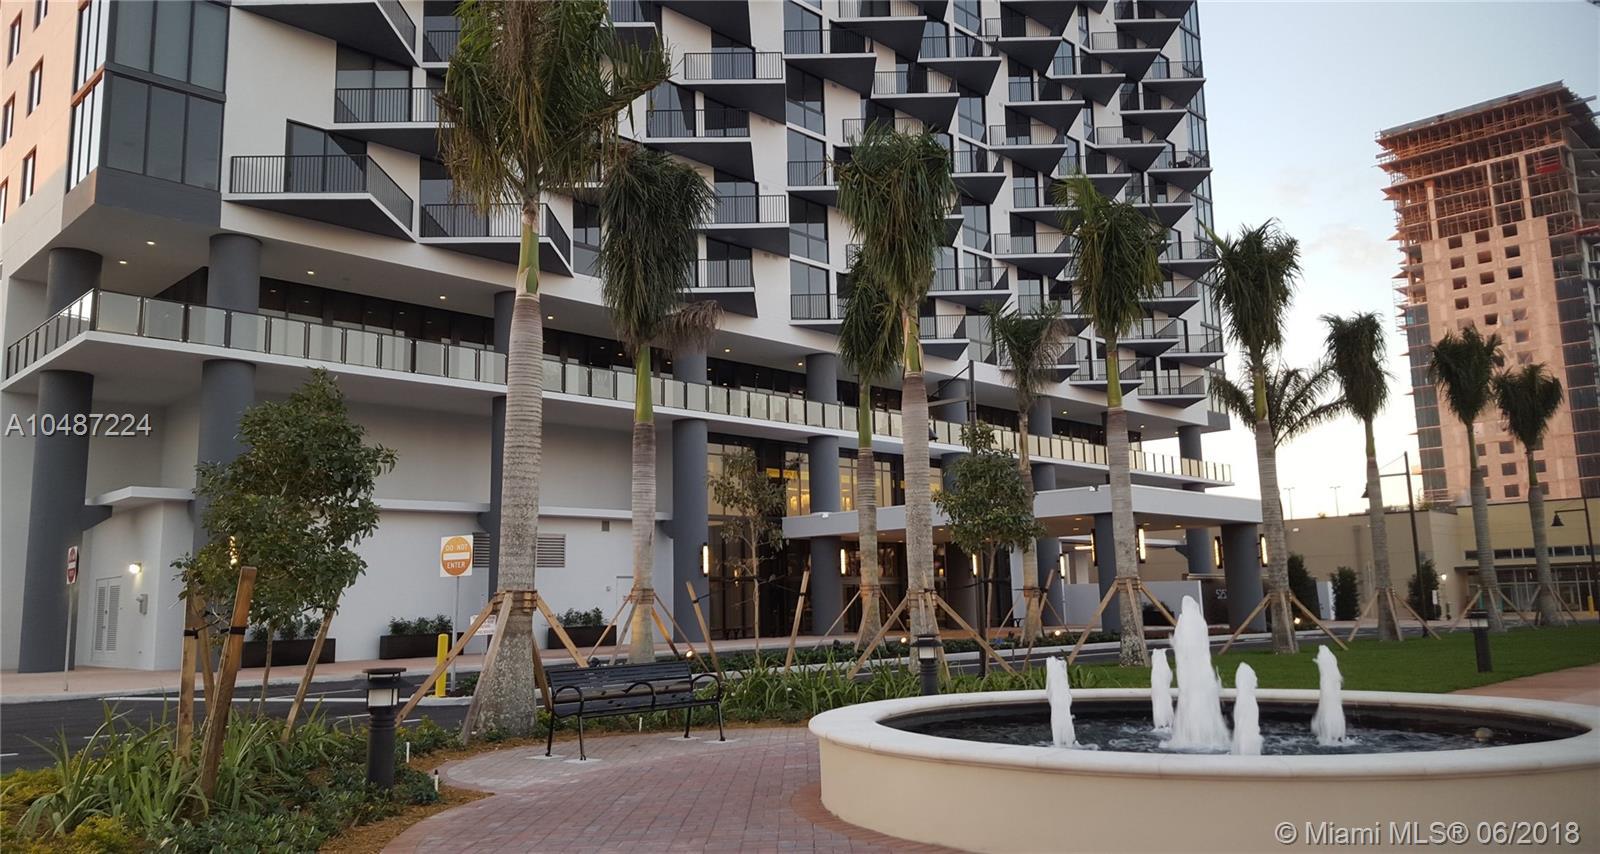 5252 Nw 85th Ave #1410, Miami FL, 33166